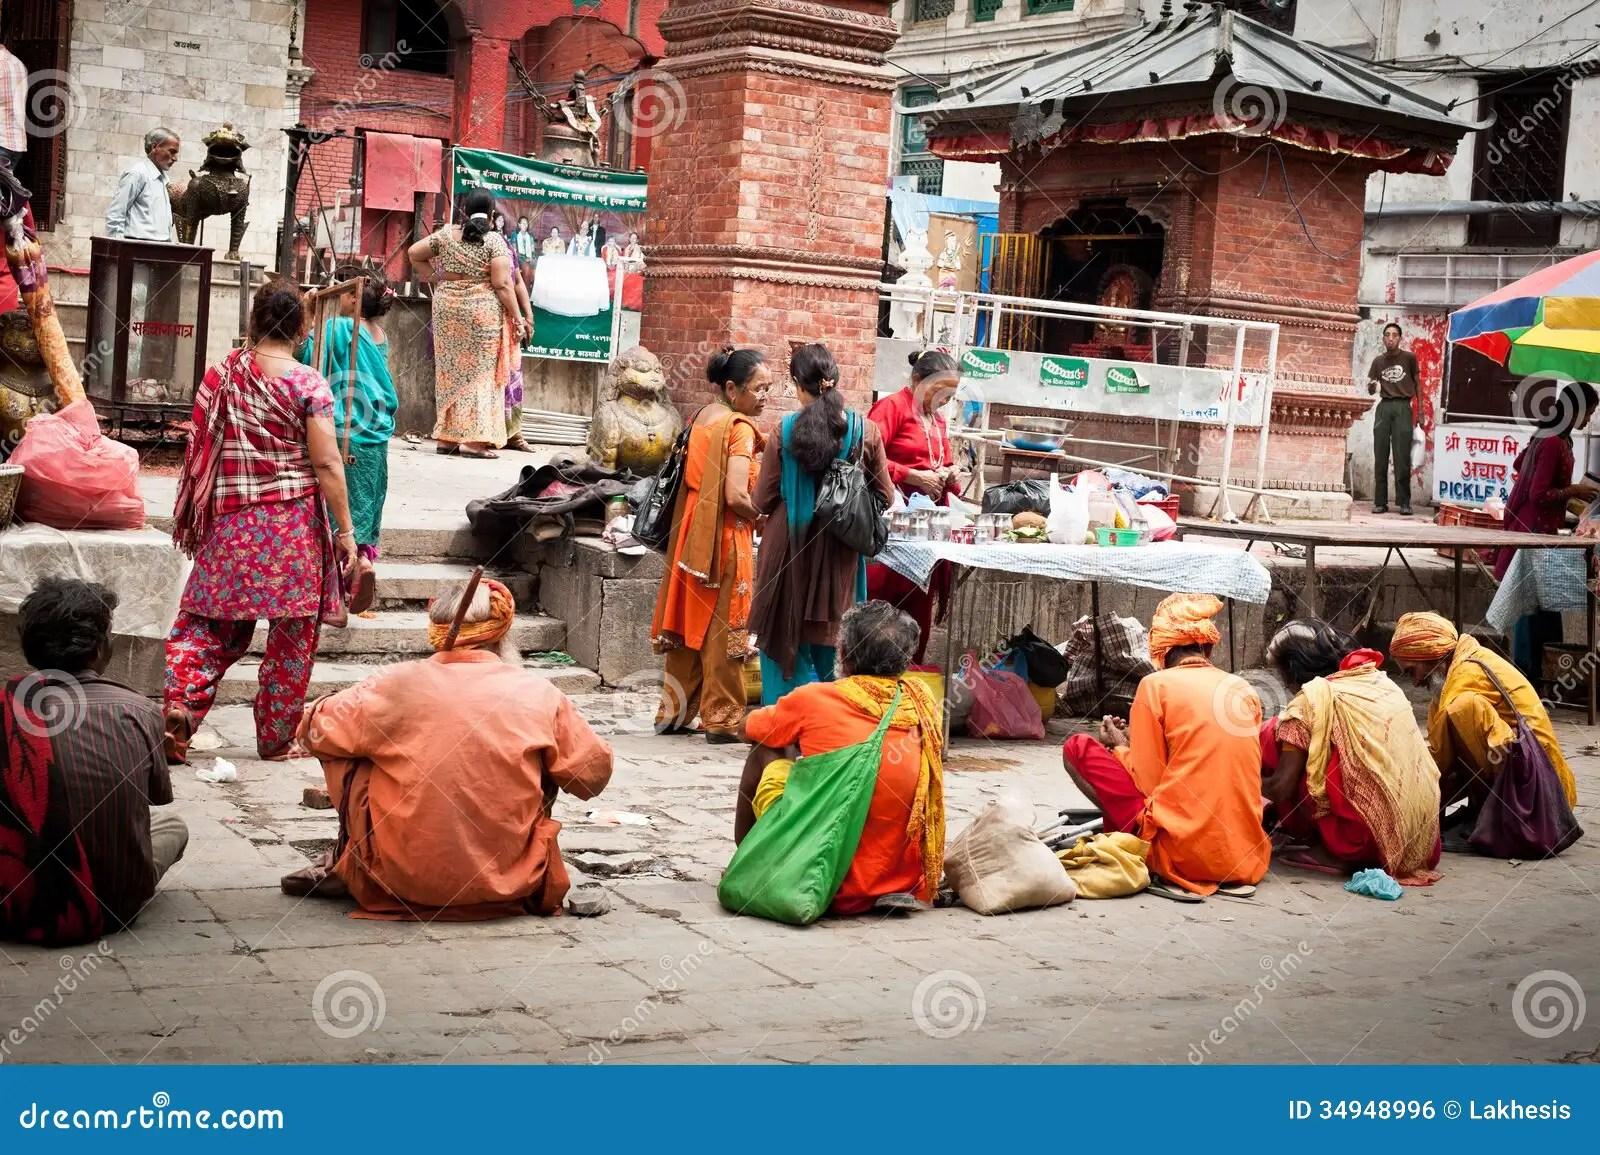 Holy Sadhu Men Blessing People At Hindu Temple Nepal KathmanduDurbar Square Editorial Photo